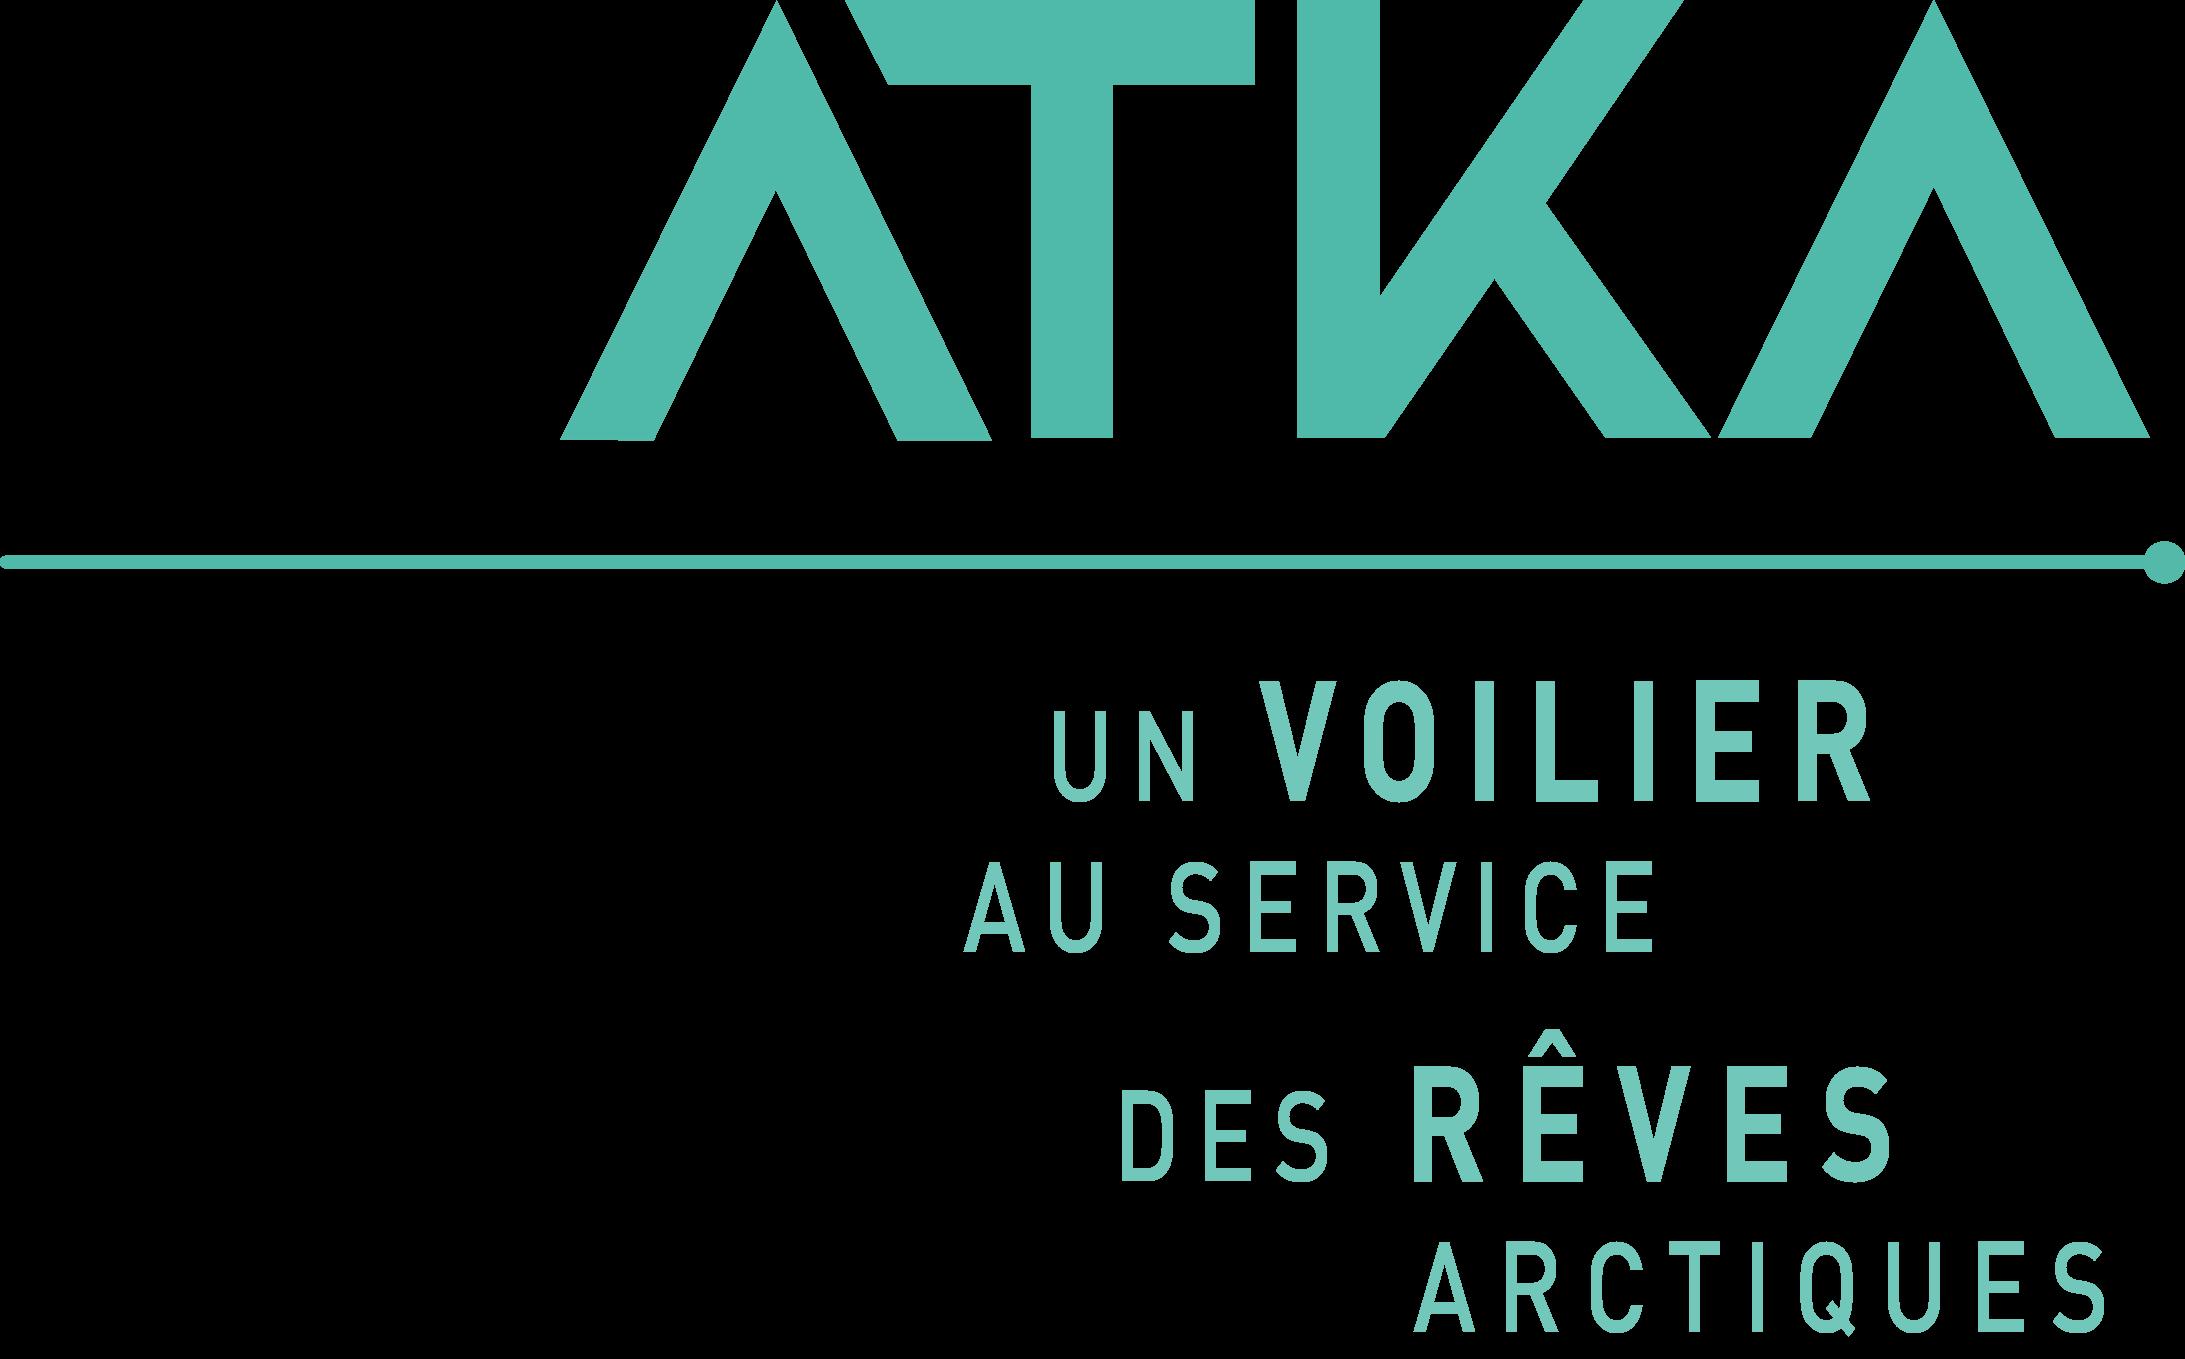 Texte_Accueil_Atkavoilierauservicedesrevesarctiques